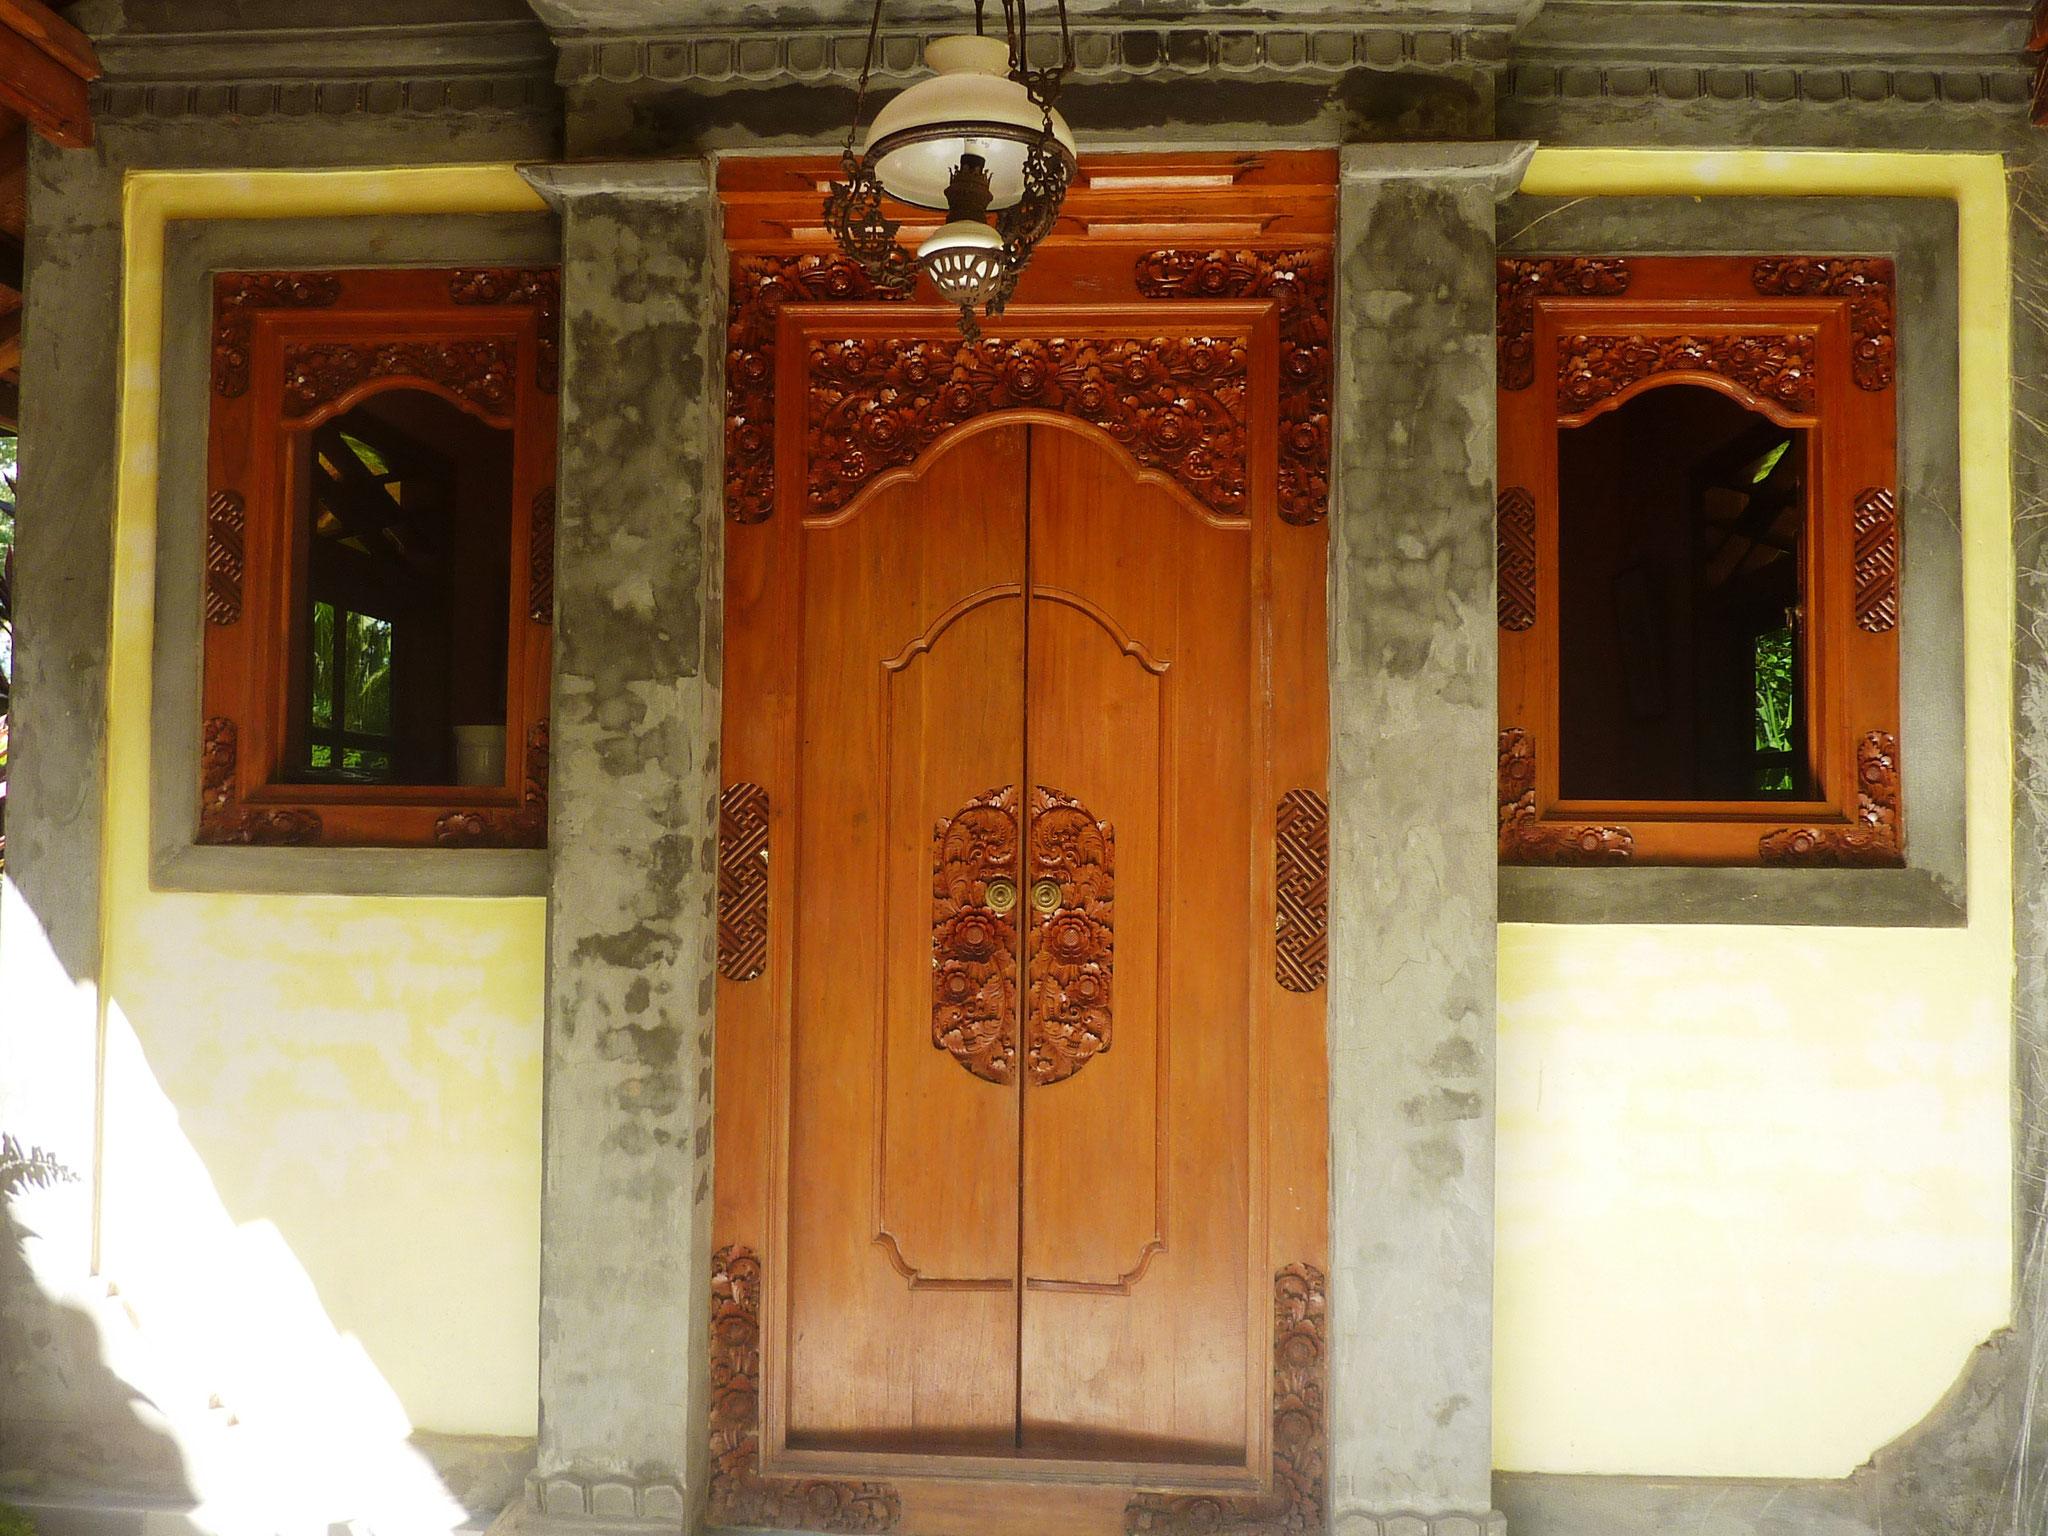 Balinese wooden door and windows